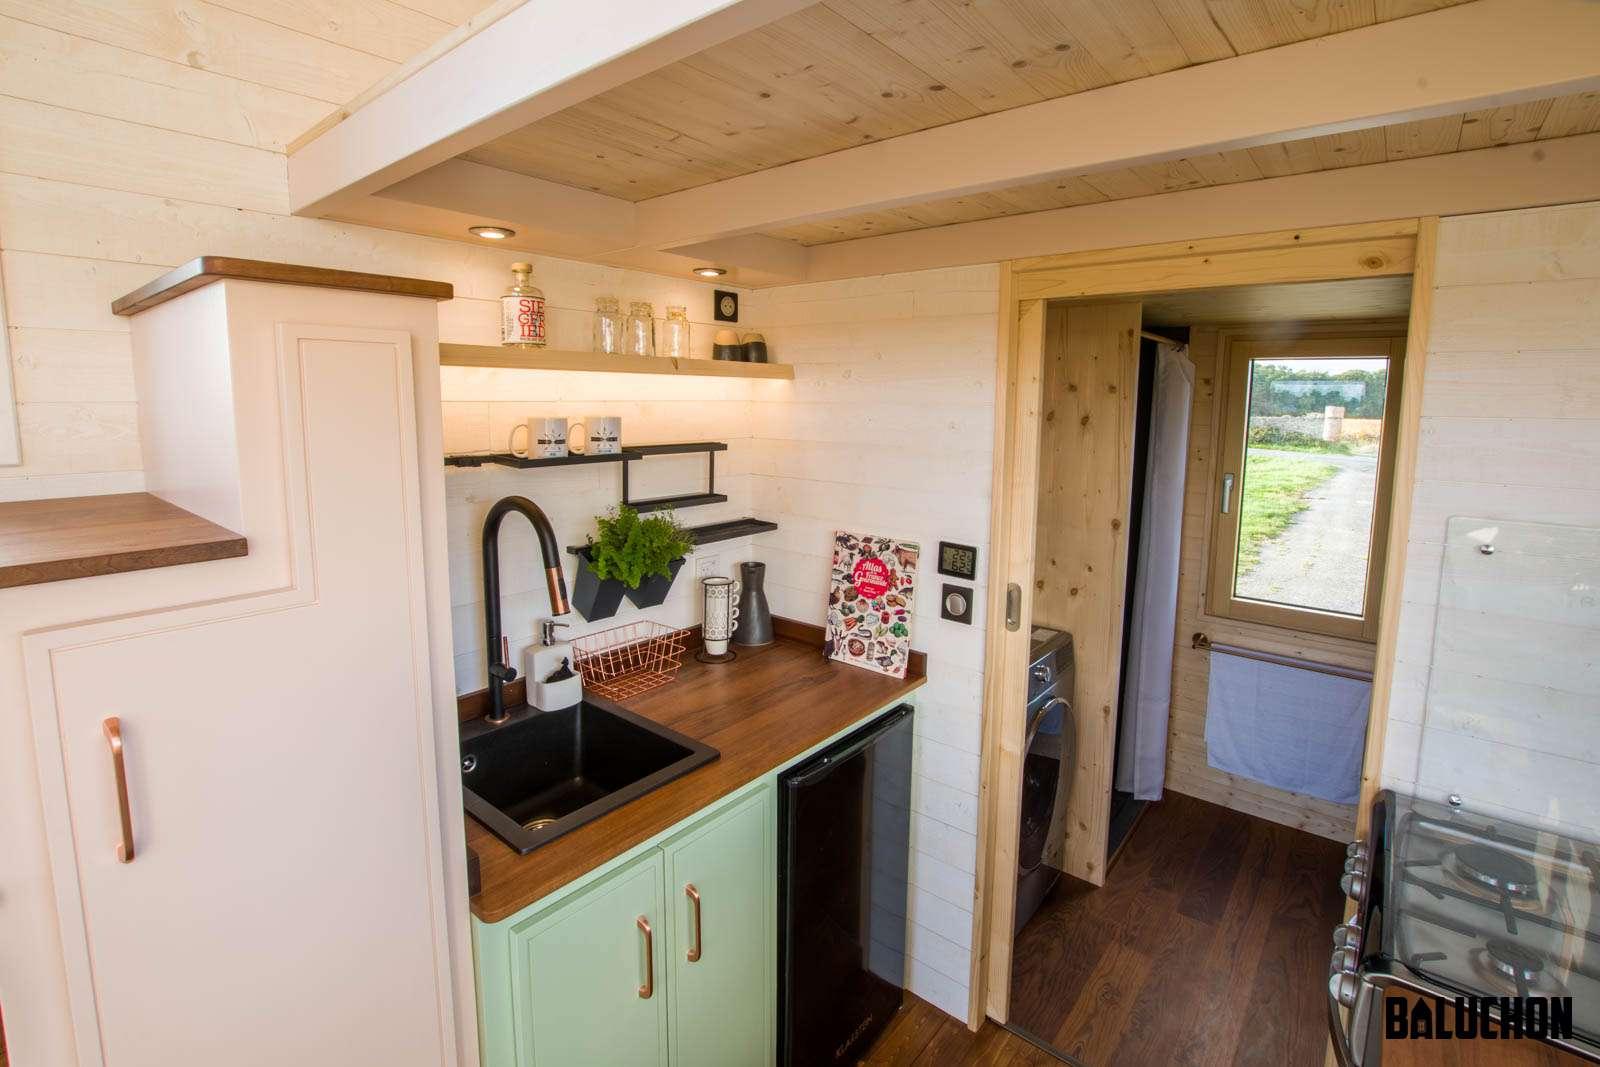 view of kitchen sink